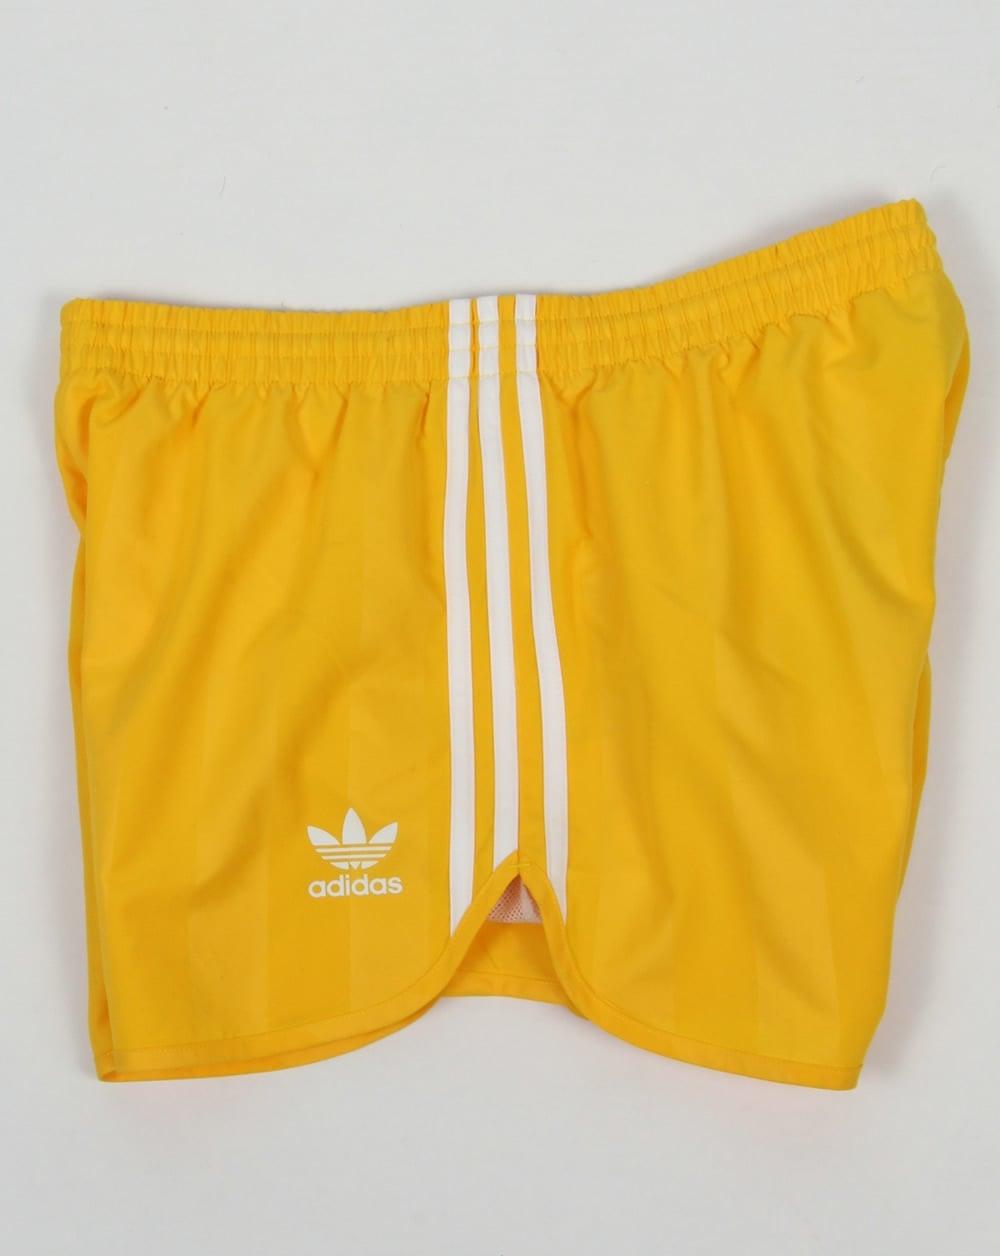 Adidas Originals Football Shorts Yellow